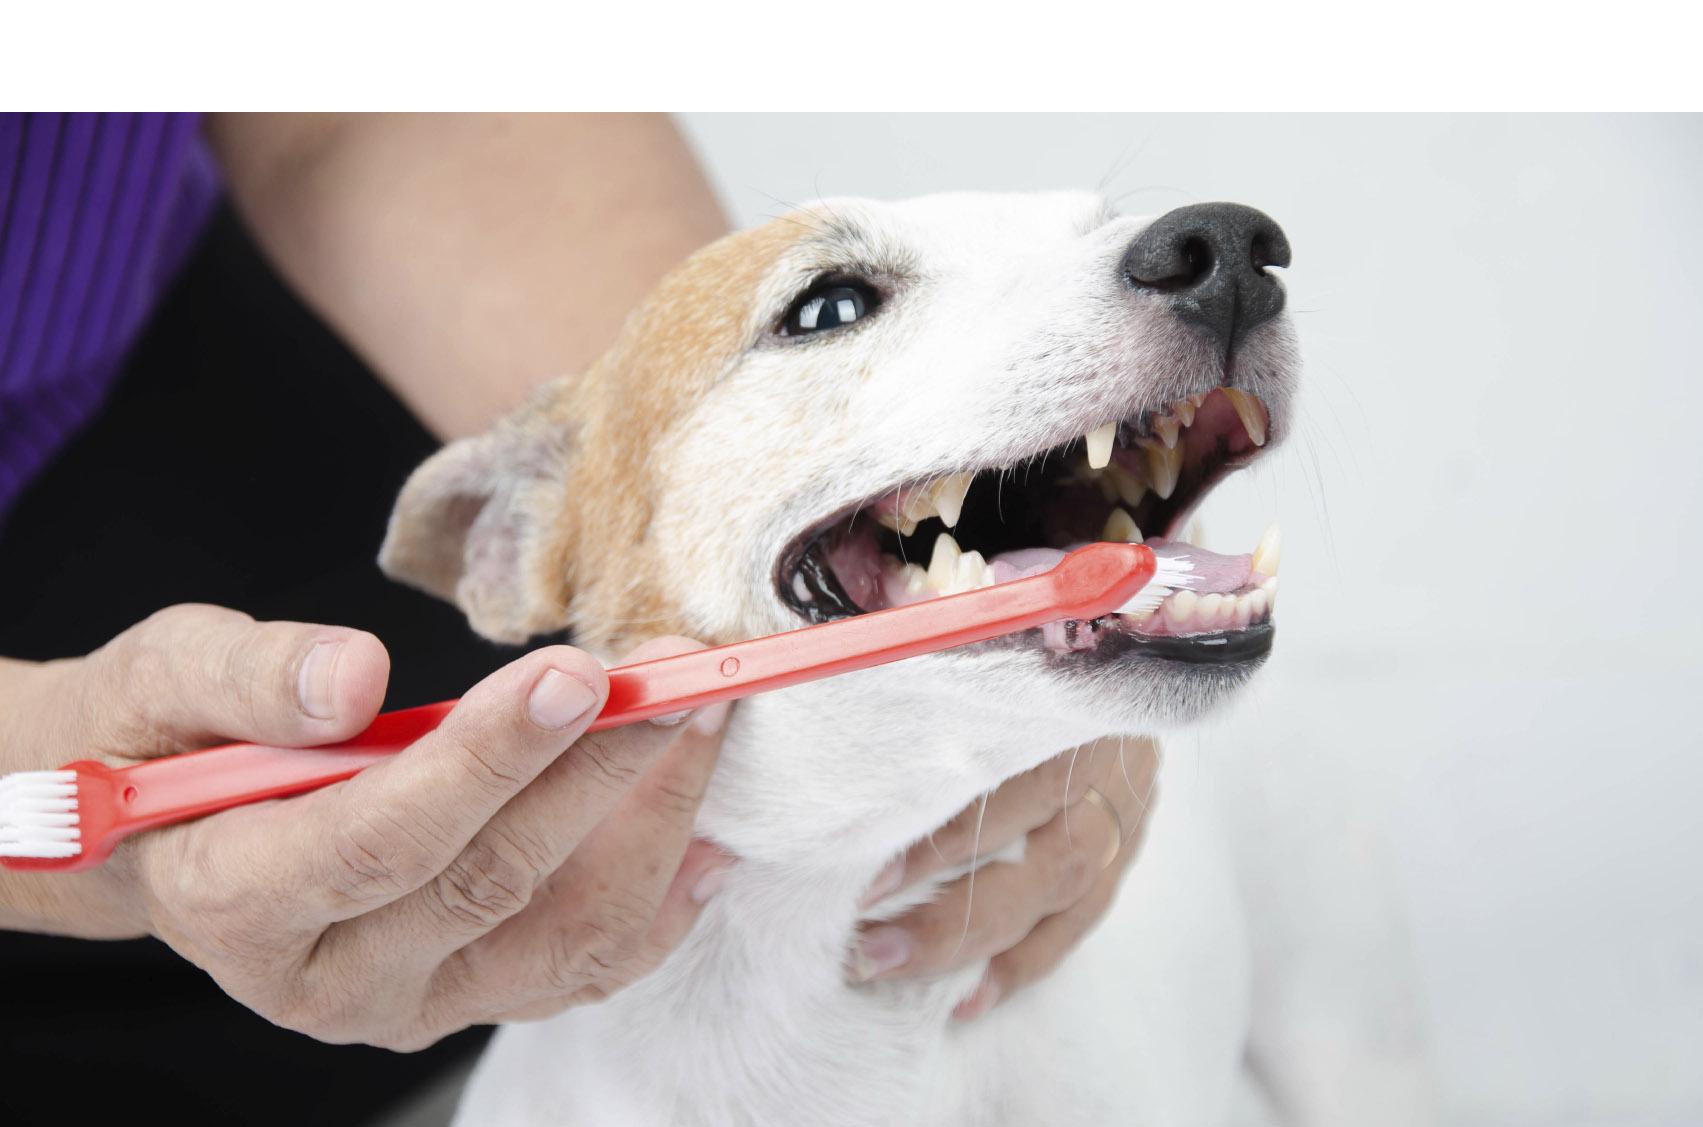 Desde un cepillado semanal hasta una buena alimentación pueden cuidar la higiene bucal de tu perro o gato